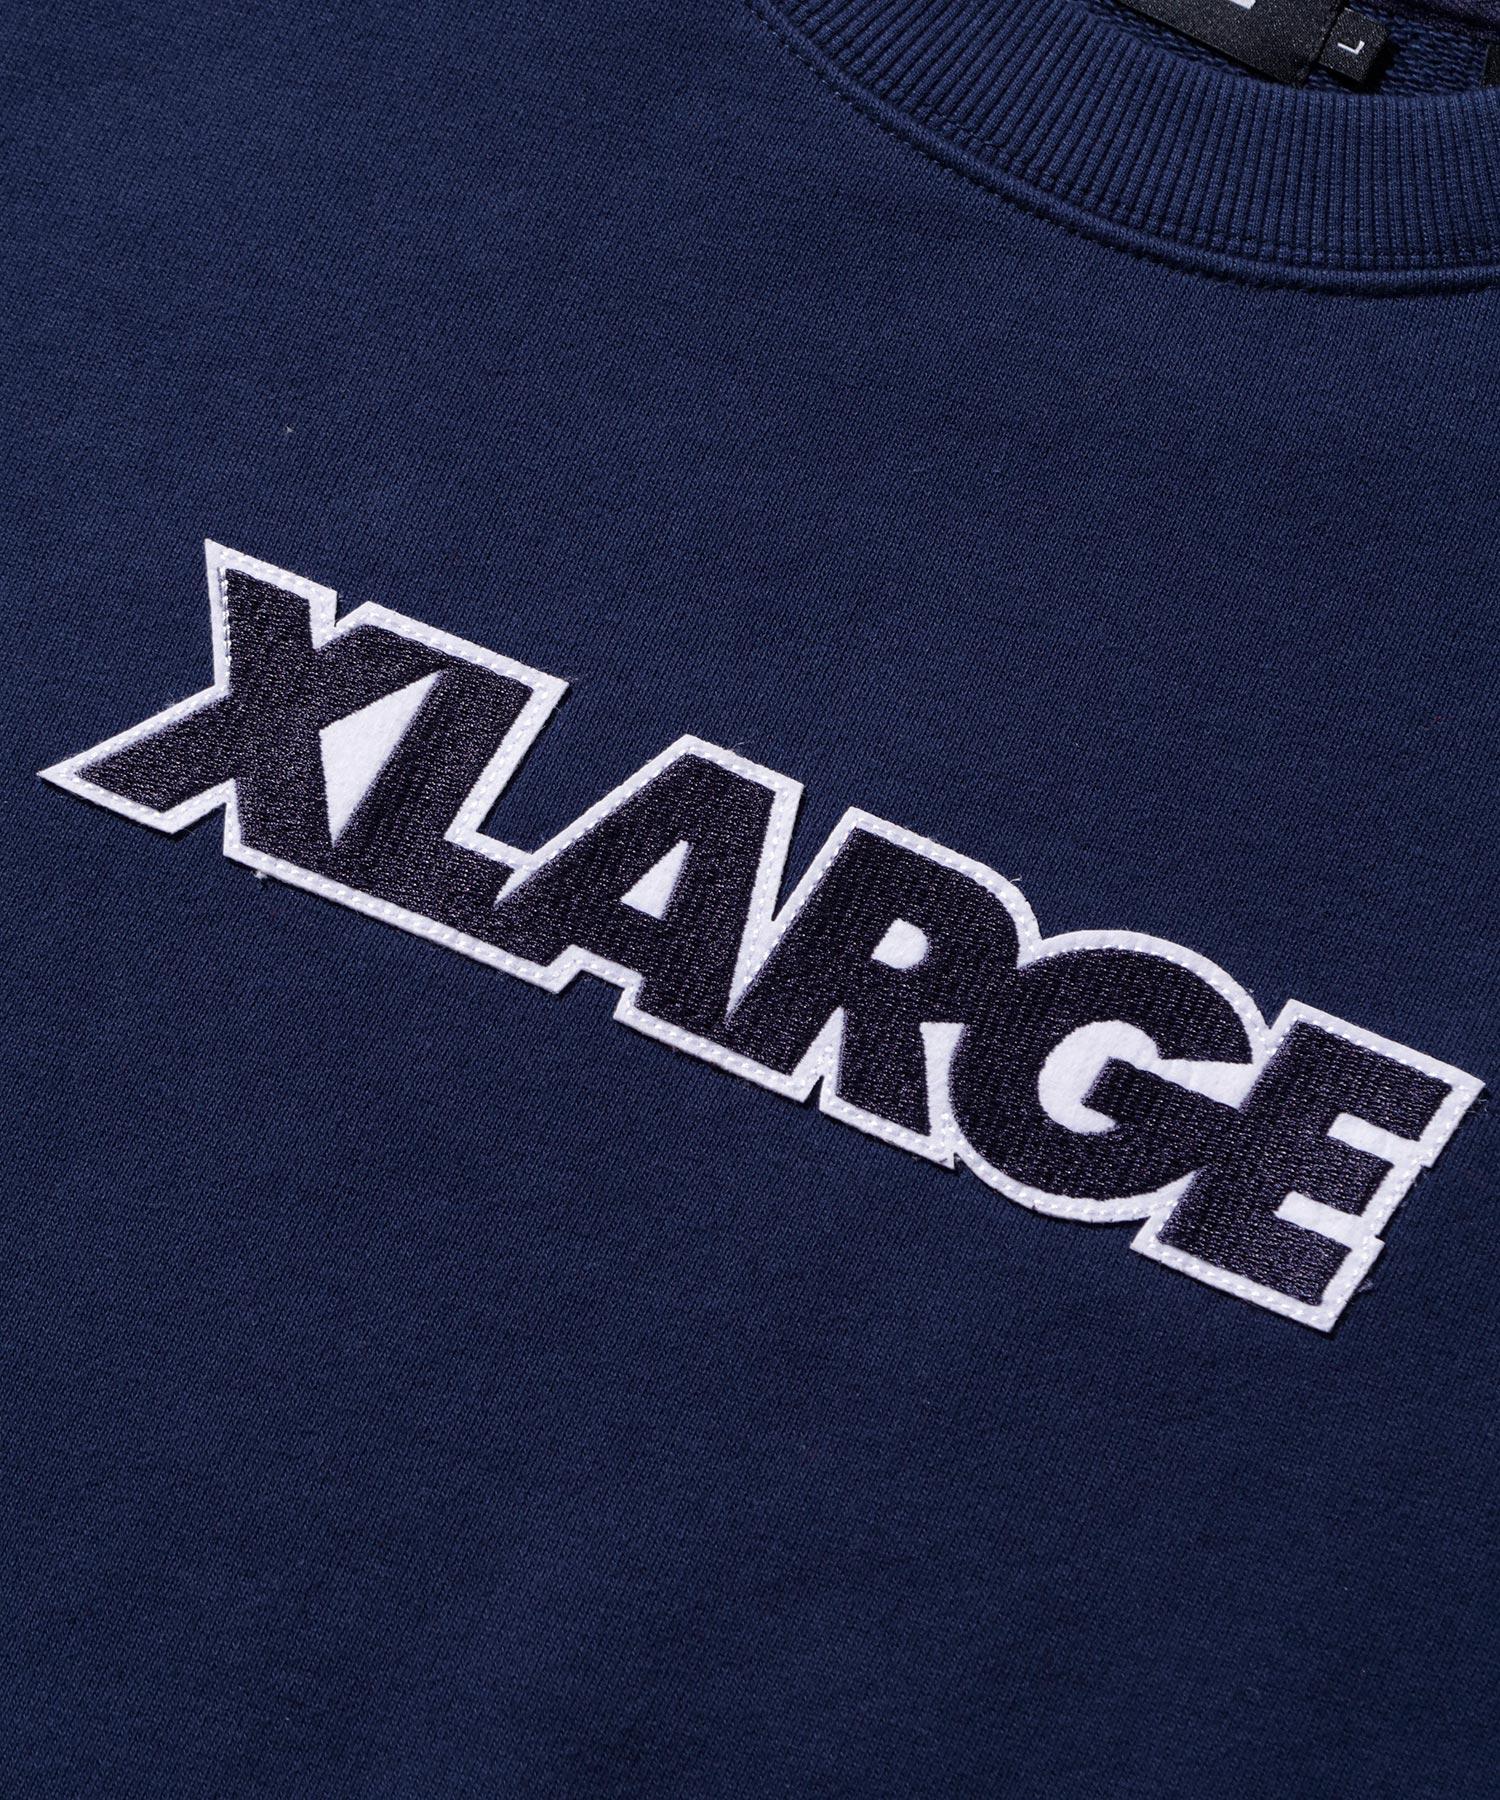 【公式】XLARGEエクストララージSTANDARDLOGOPATCHEDCREWNECKSWEATスウェットトップスロゴクルーネックメンズ